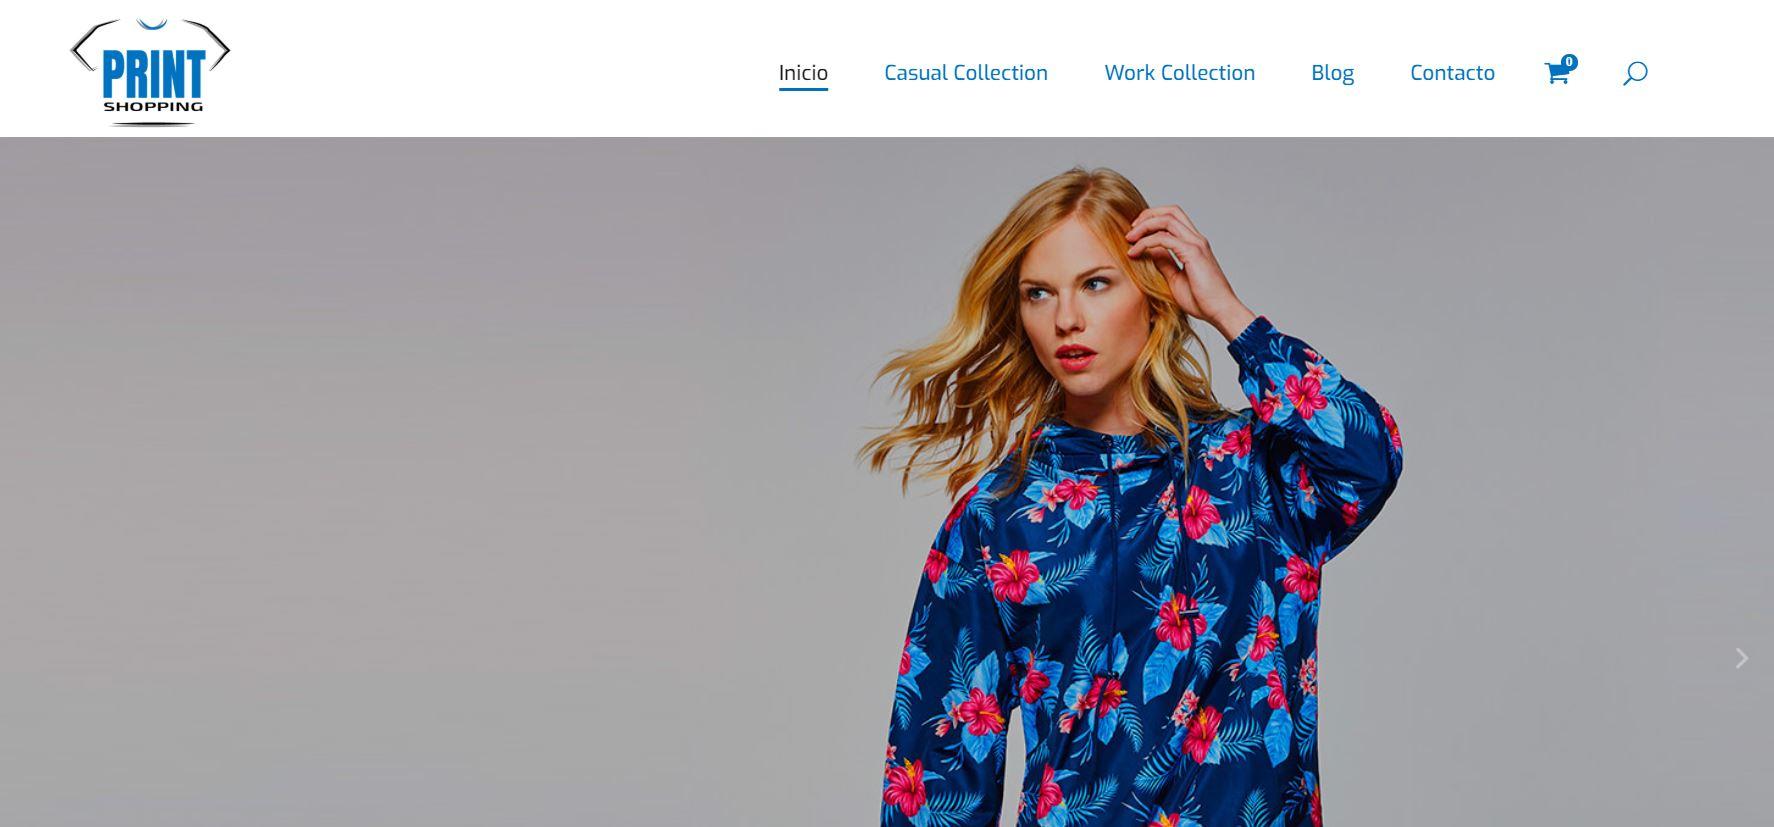 Tienda online de ropa personalizada